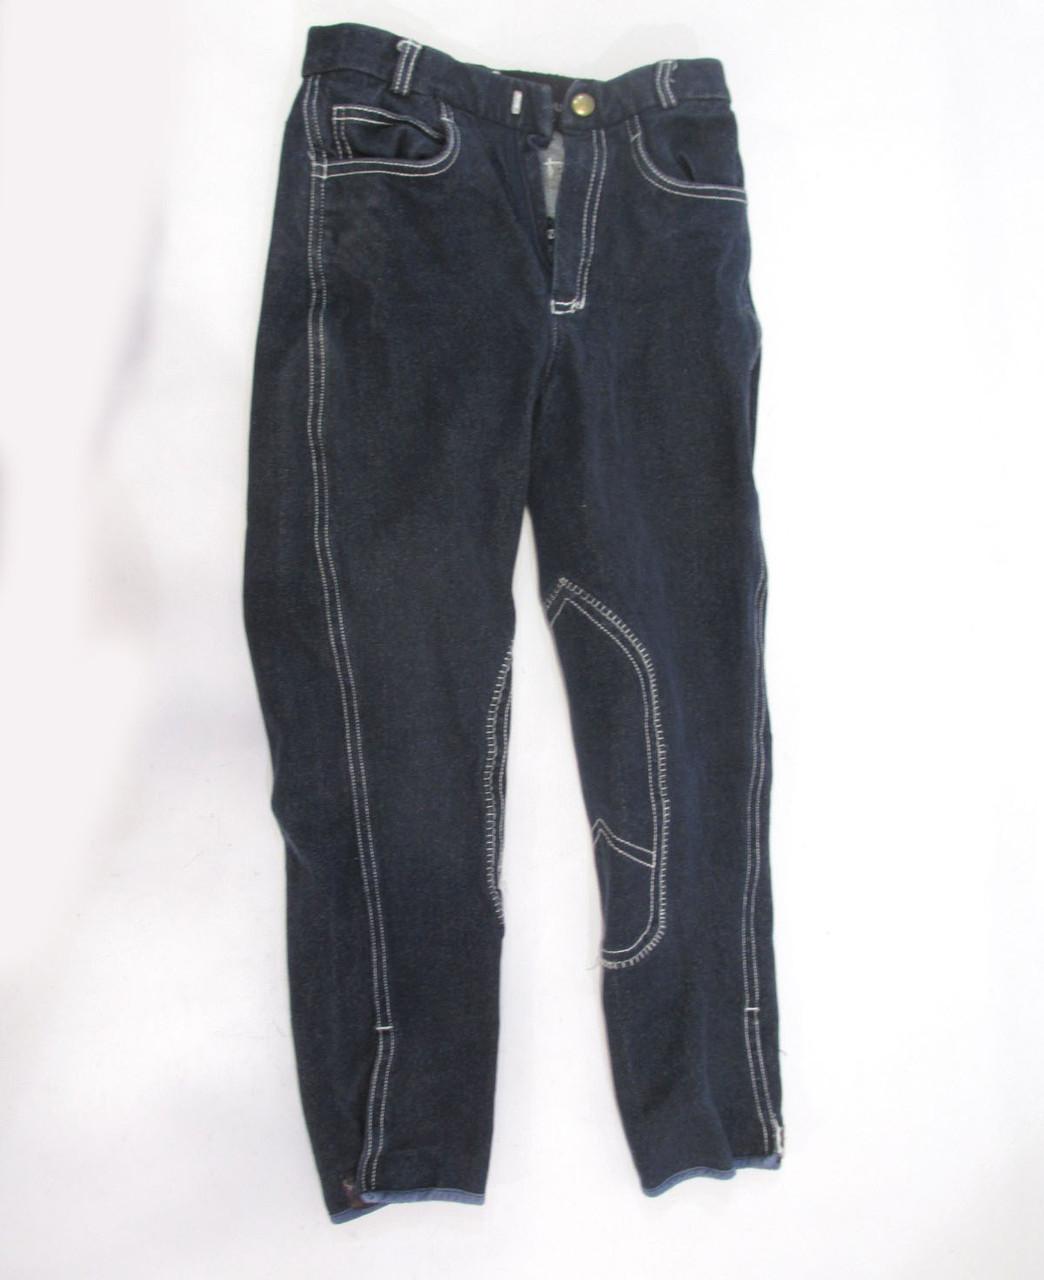 Штаны детские, верховые, Aeequs, под джинс, 140 см, Оч хор сост!